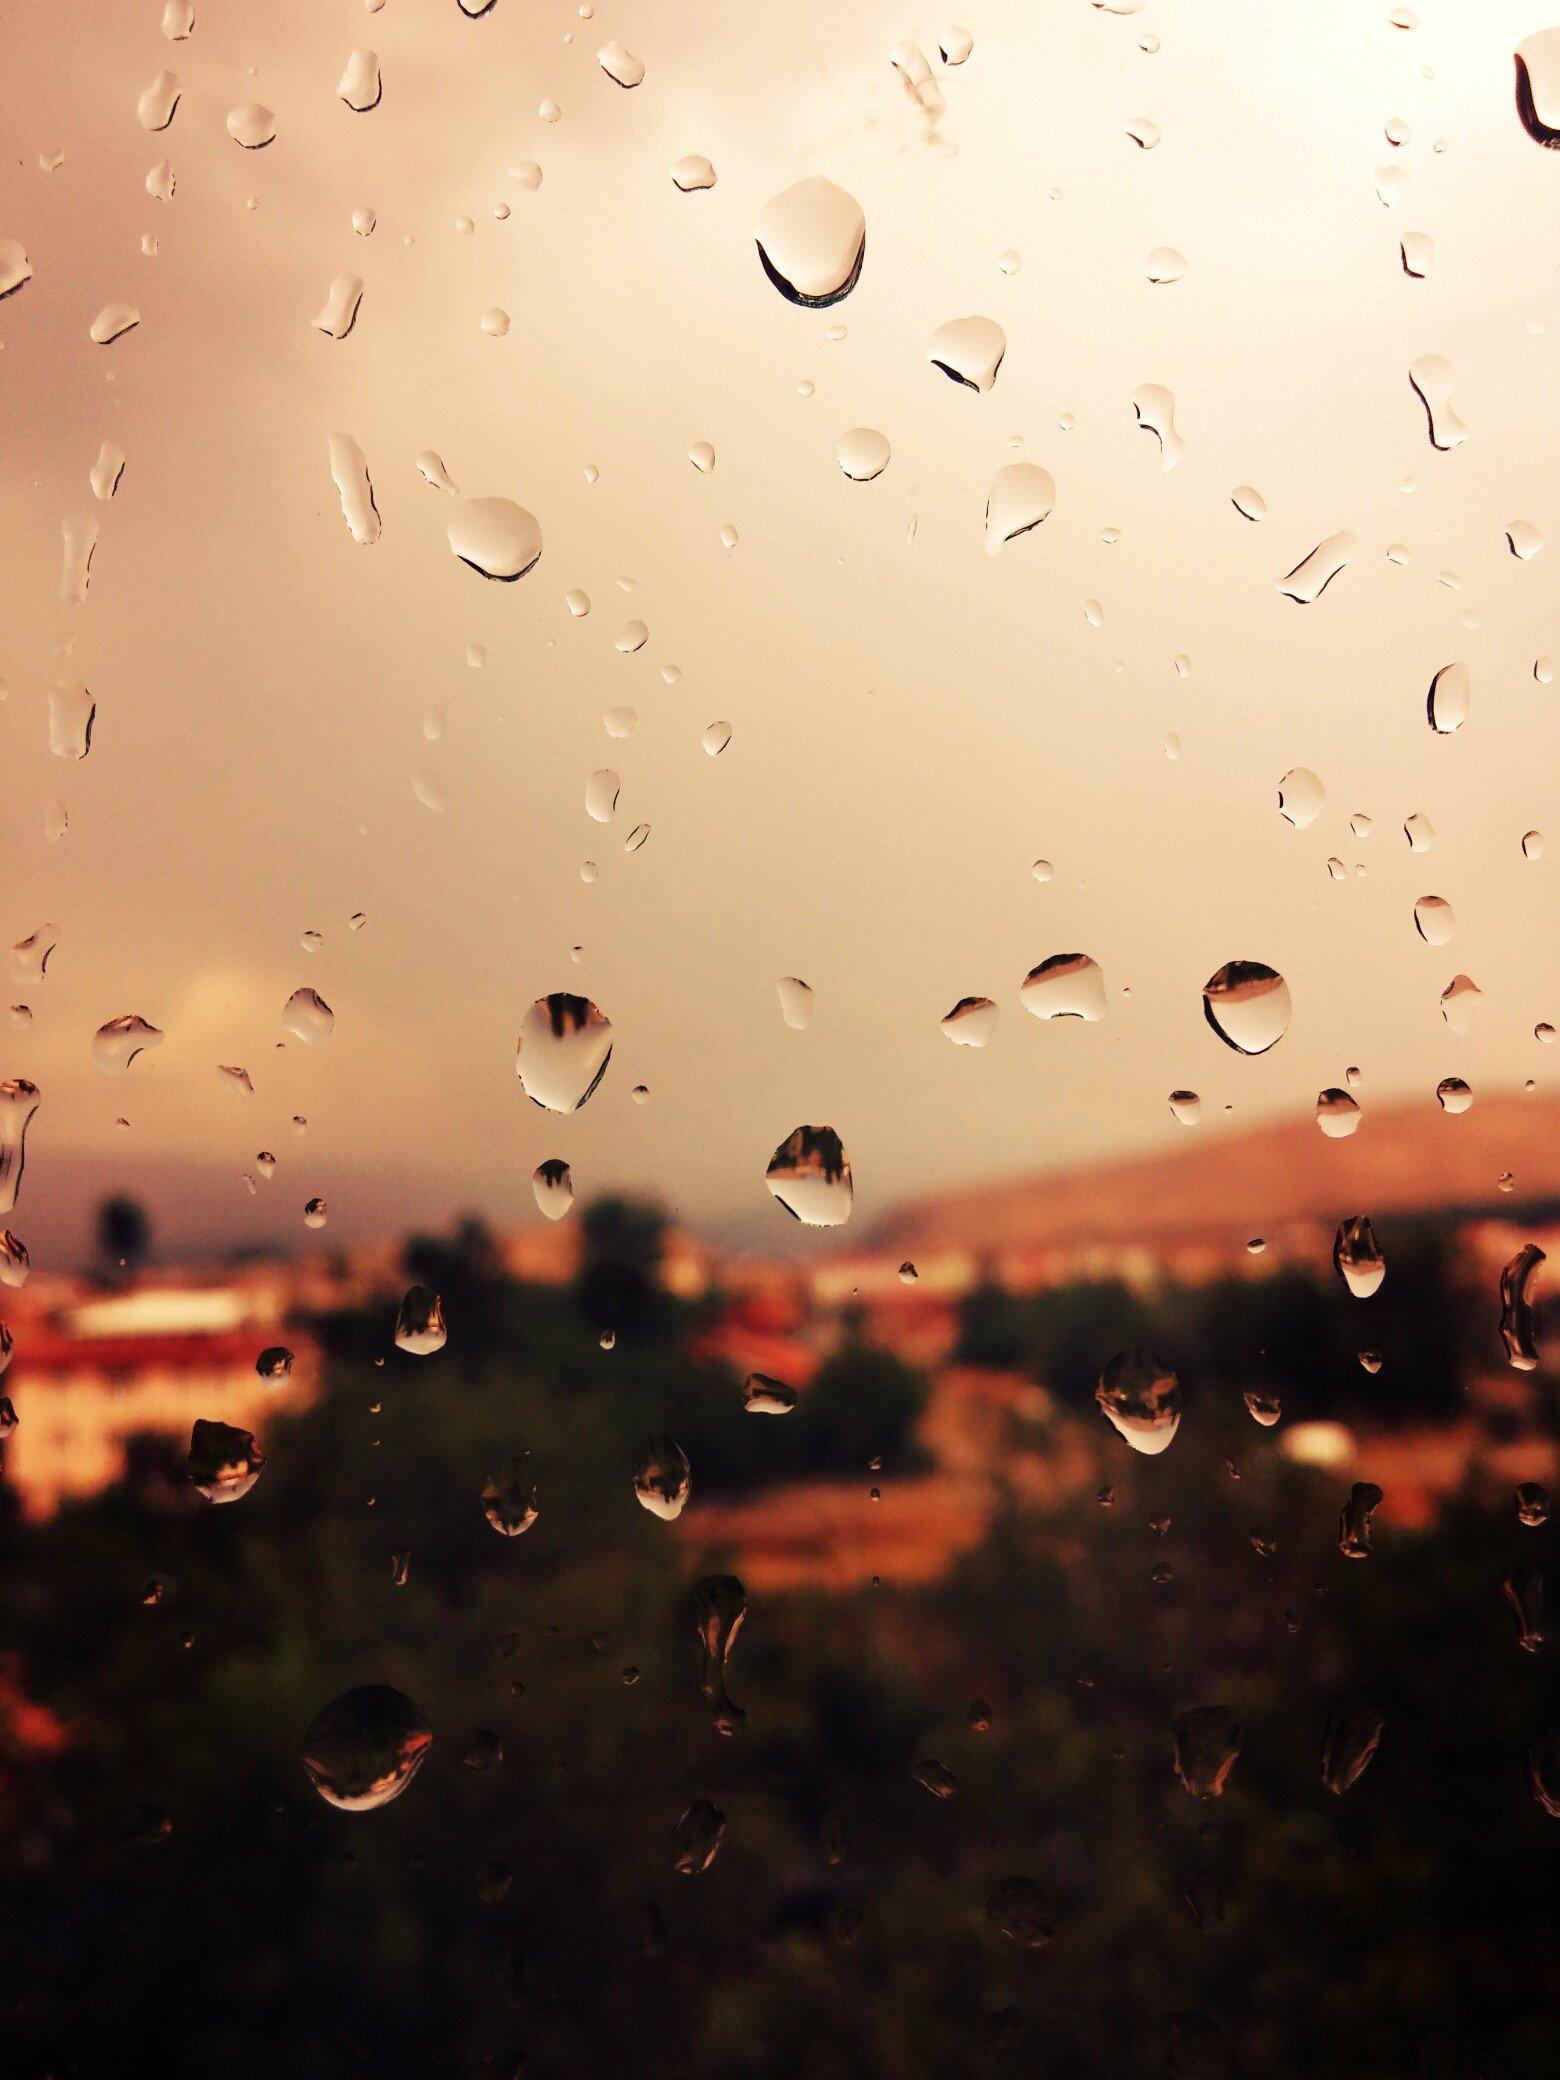 картинки для телефона дождя рассчета